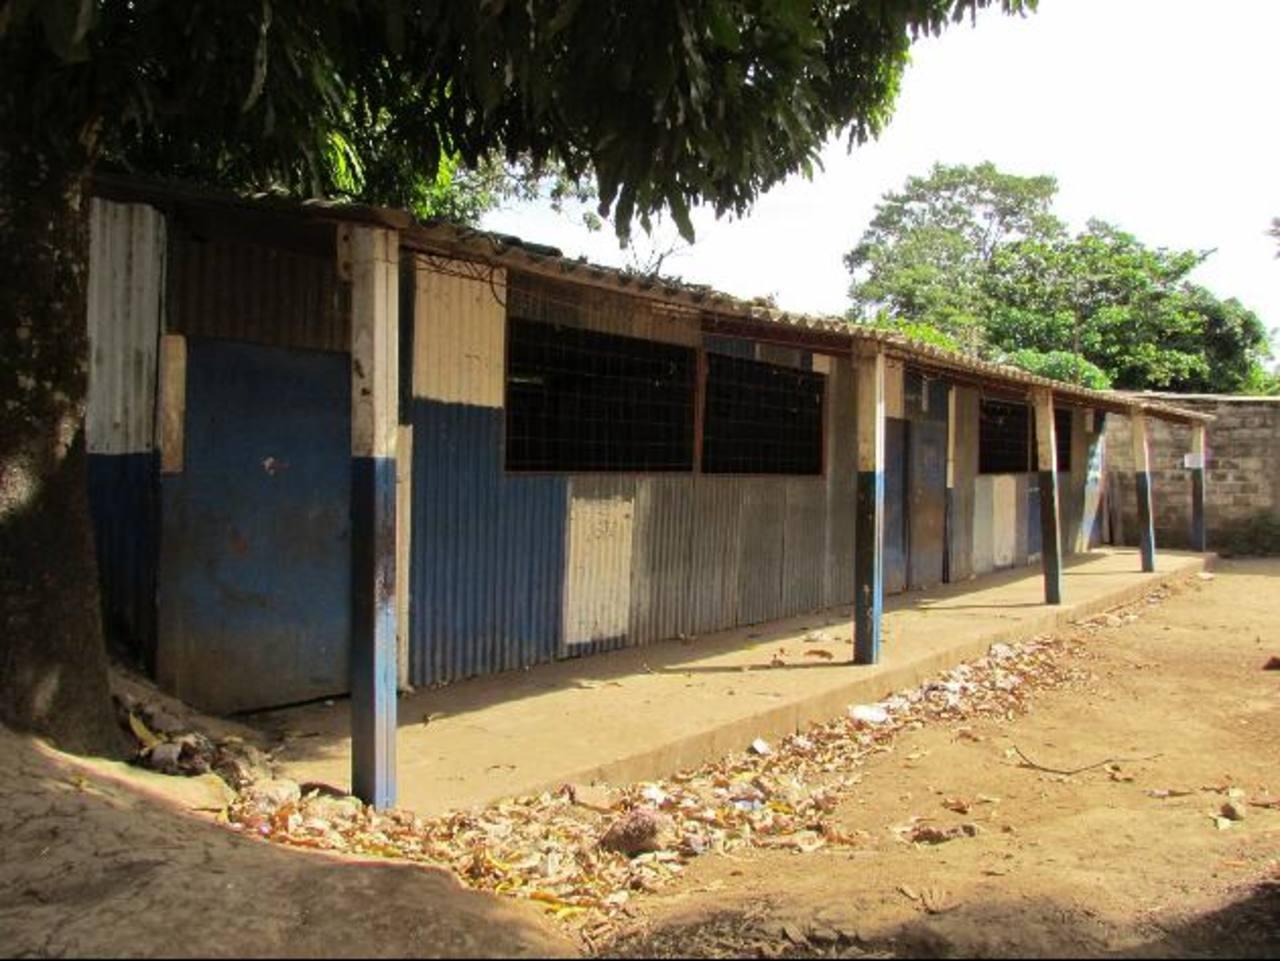 Estos salones no brindan las condiciones para impartir clases. Foto edh / Mauricio Guevara